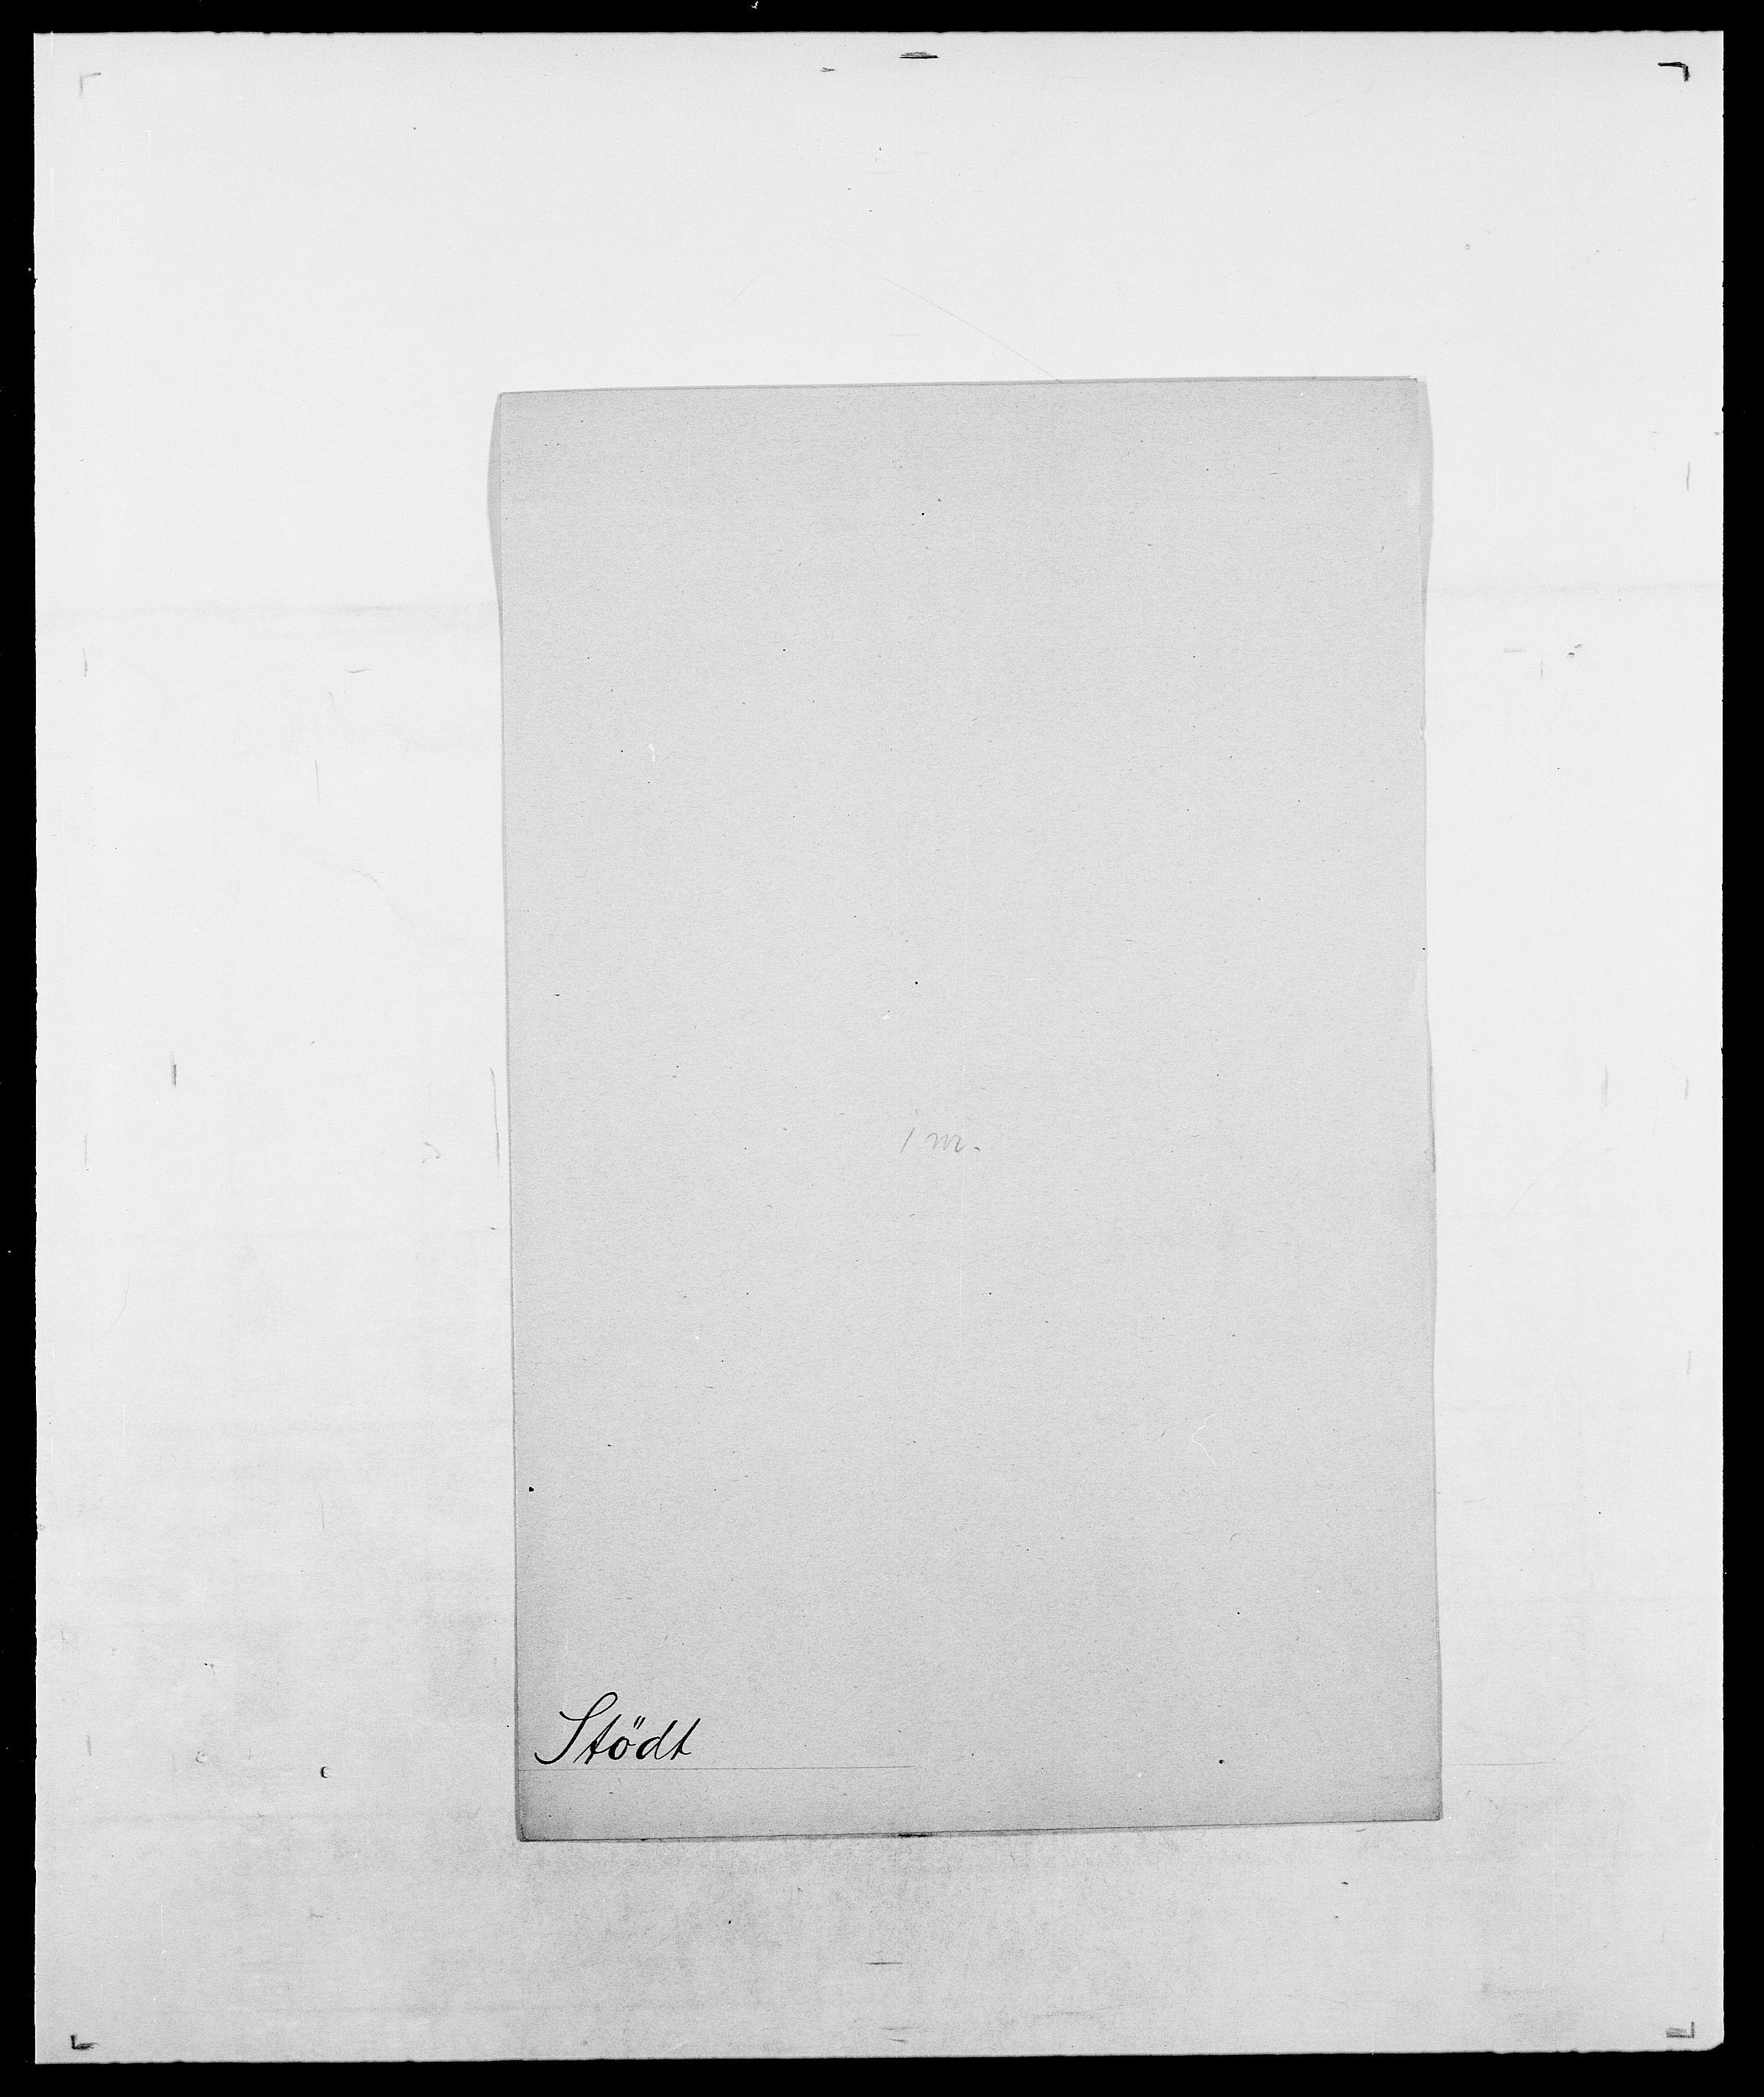 SAO, Delgobe, Charles Antoine - samling, D/Da/L0037: Steen, Sthen, Stein - Svare, Svanige, Svanne, se også Svanning og Schwane, s. 834